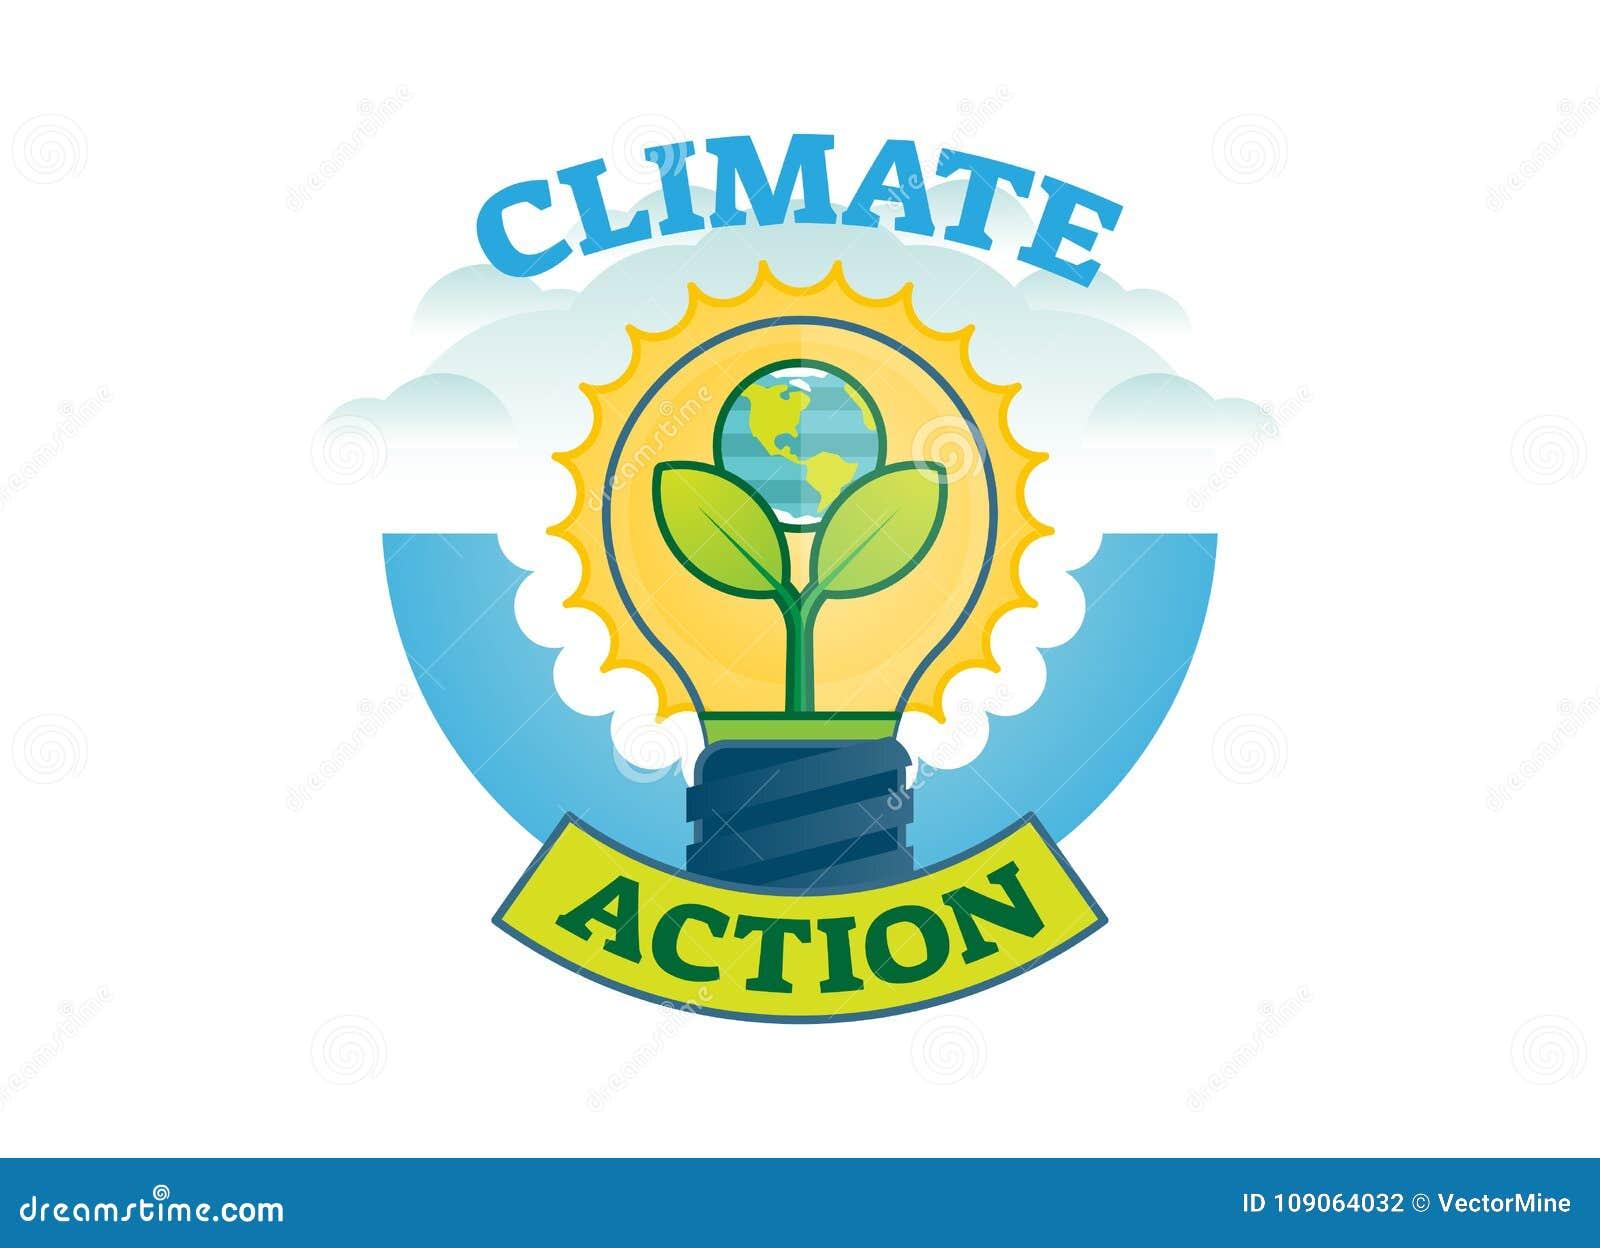 Azione di clima, distintivo di logo di vettore del movimento del mutamento climatico